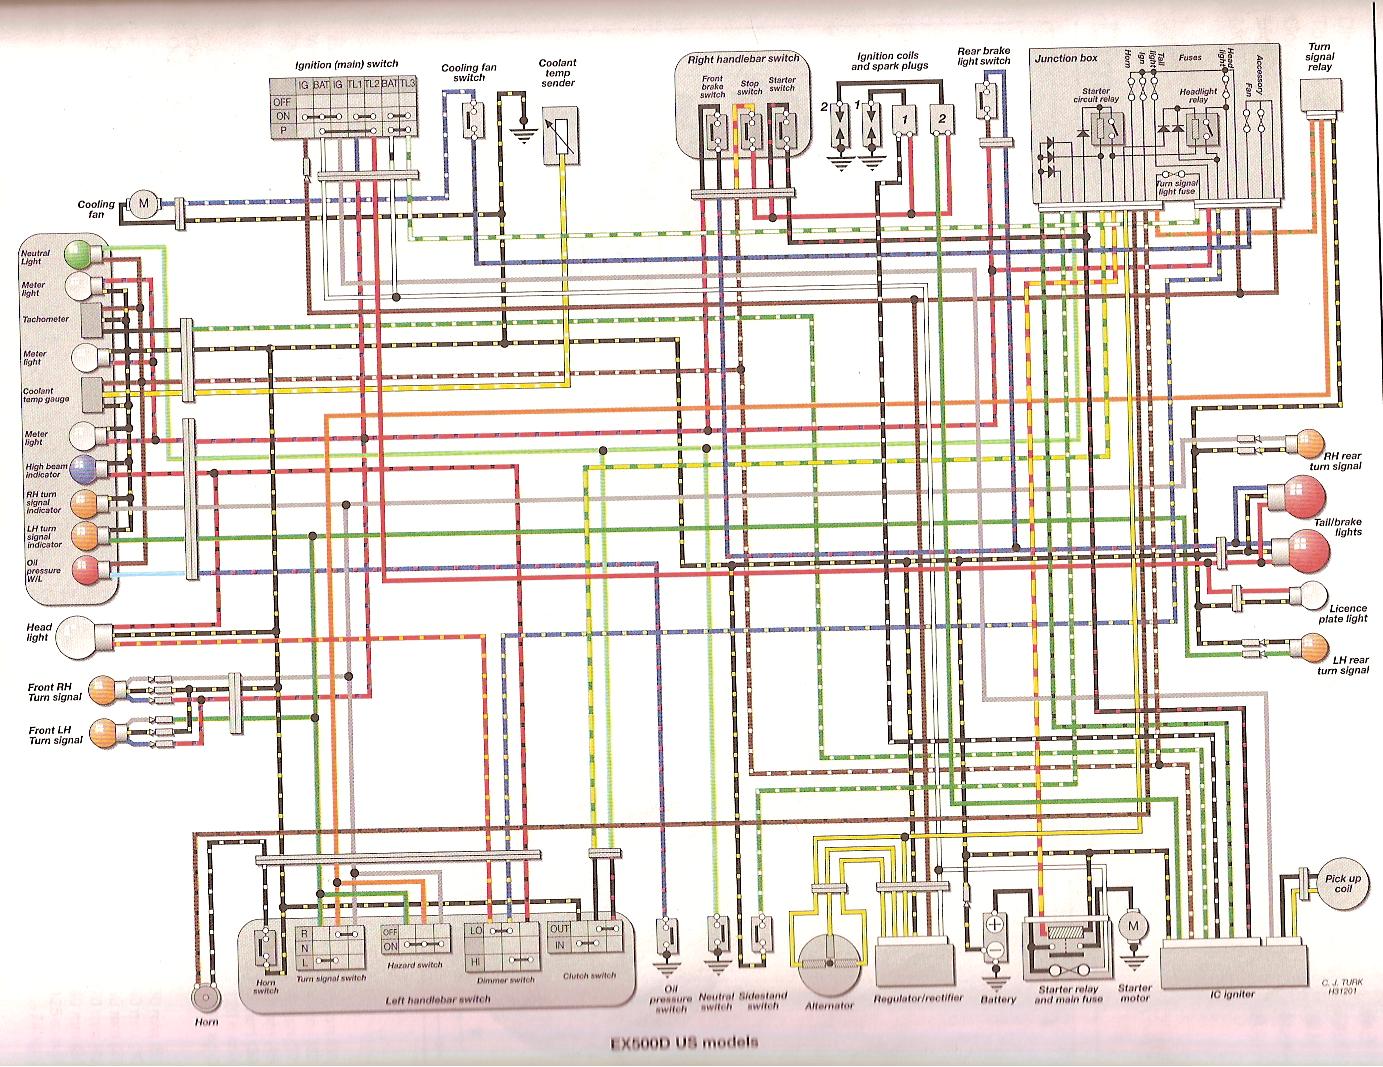 wiring diagram yamaha nmax free download wiring diagram xwiaw ez rh xwiaw us wiring diagram nema grounded plug wiring diagram mazak laser